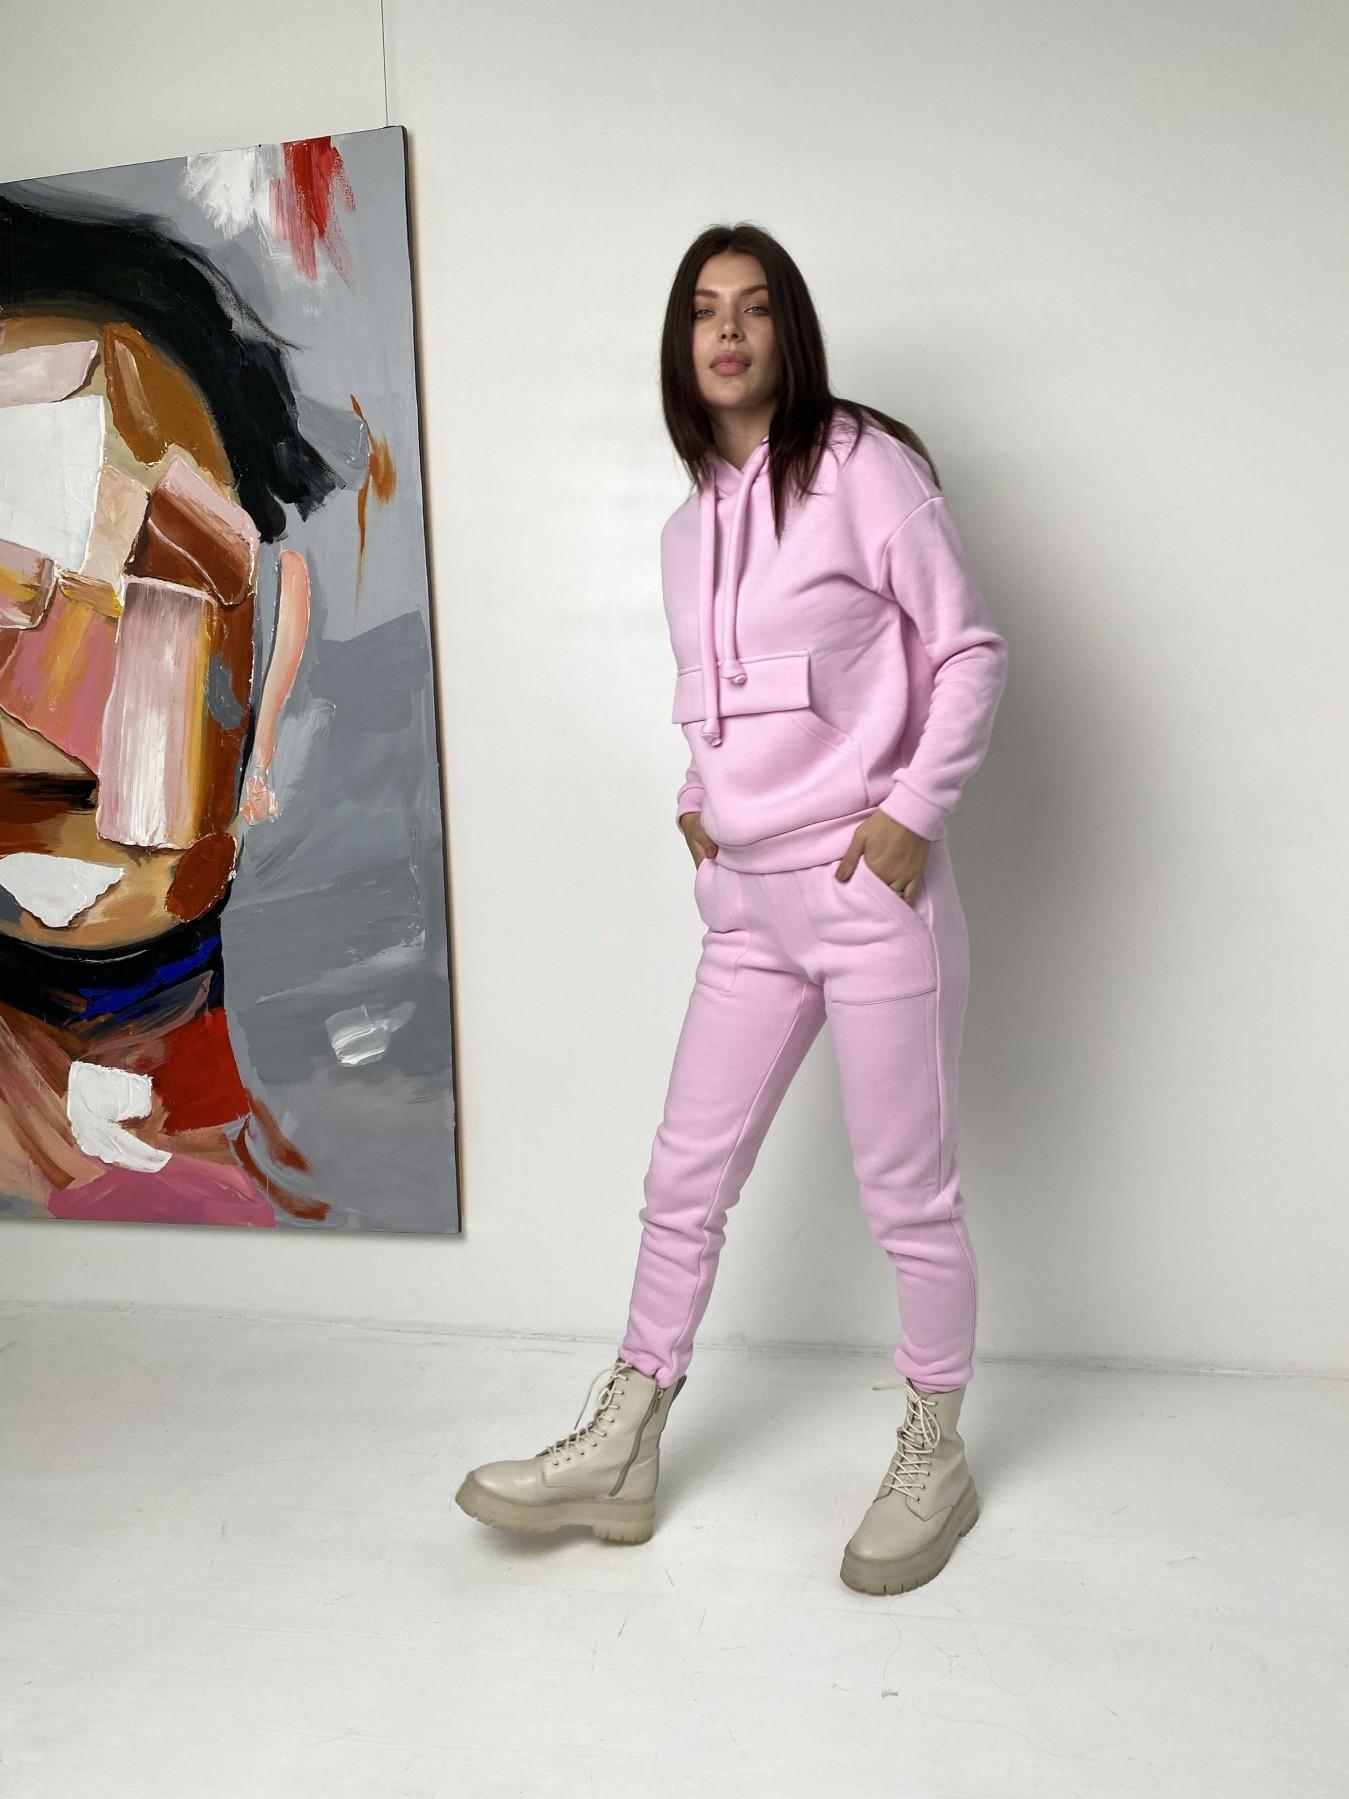 Бруклин  прогулочный костюм 3х нитка с начесом  9663 АРТ. 46923 Цвет: Розовый - фото 7, интернет магазин tm-modus.ru